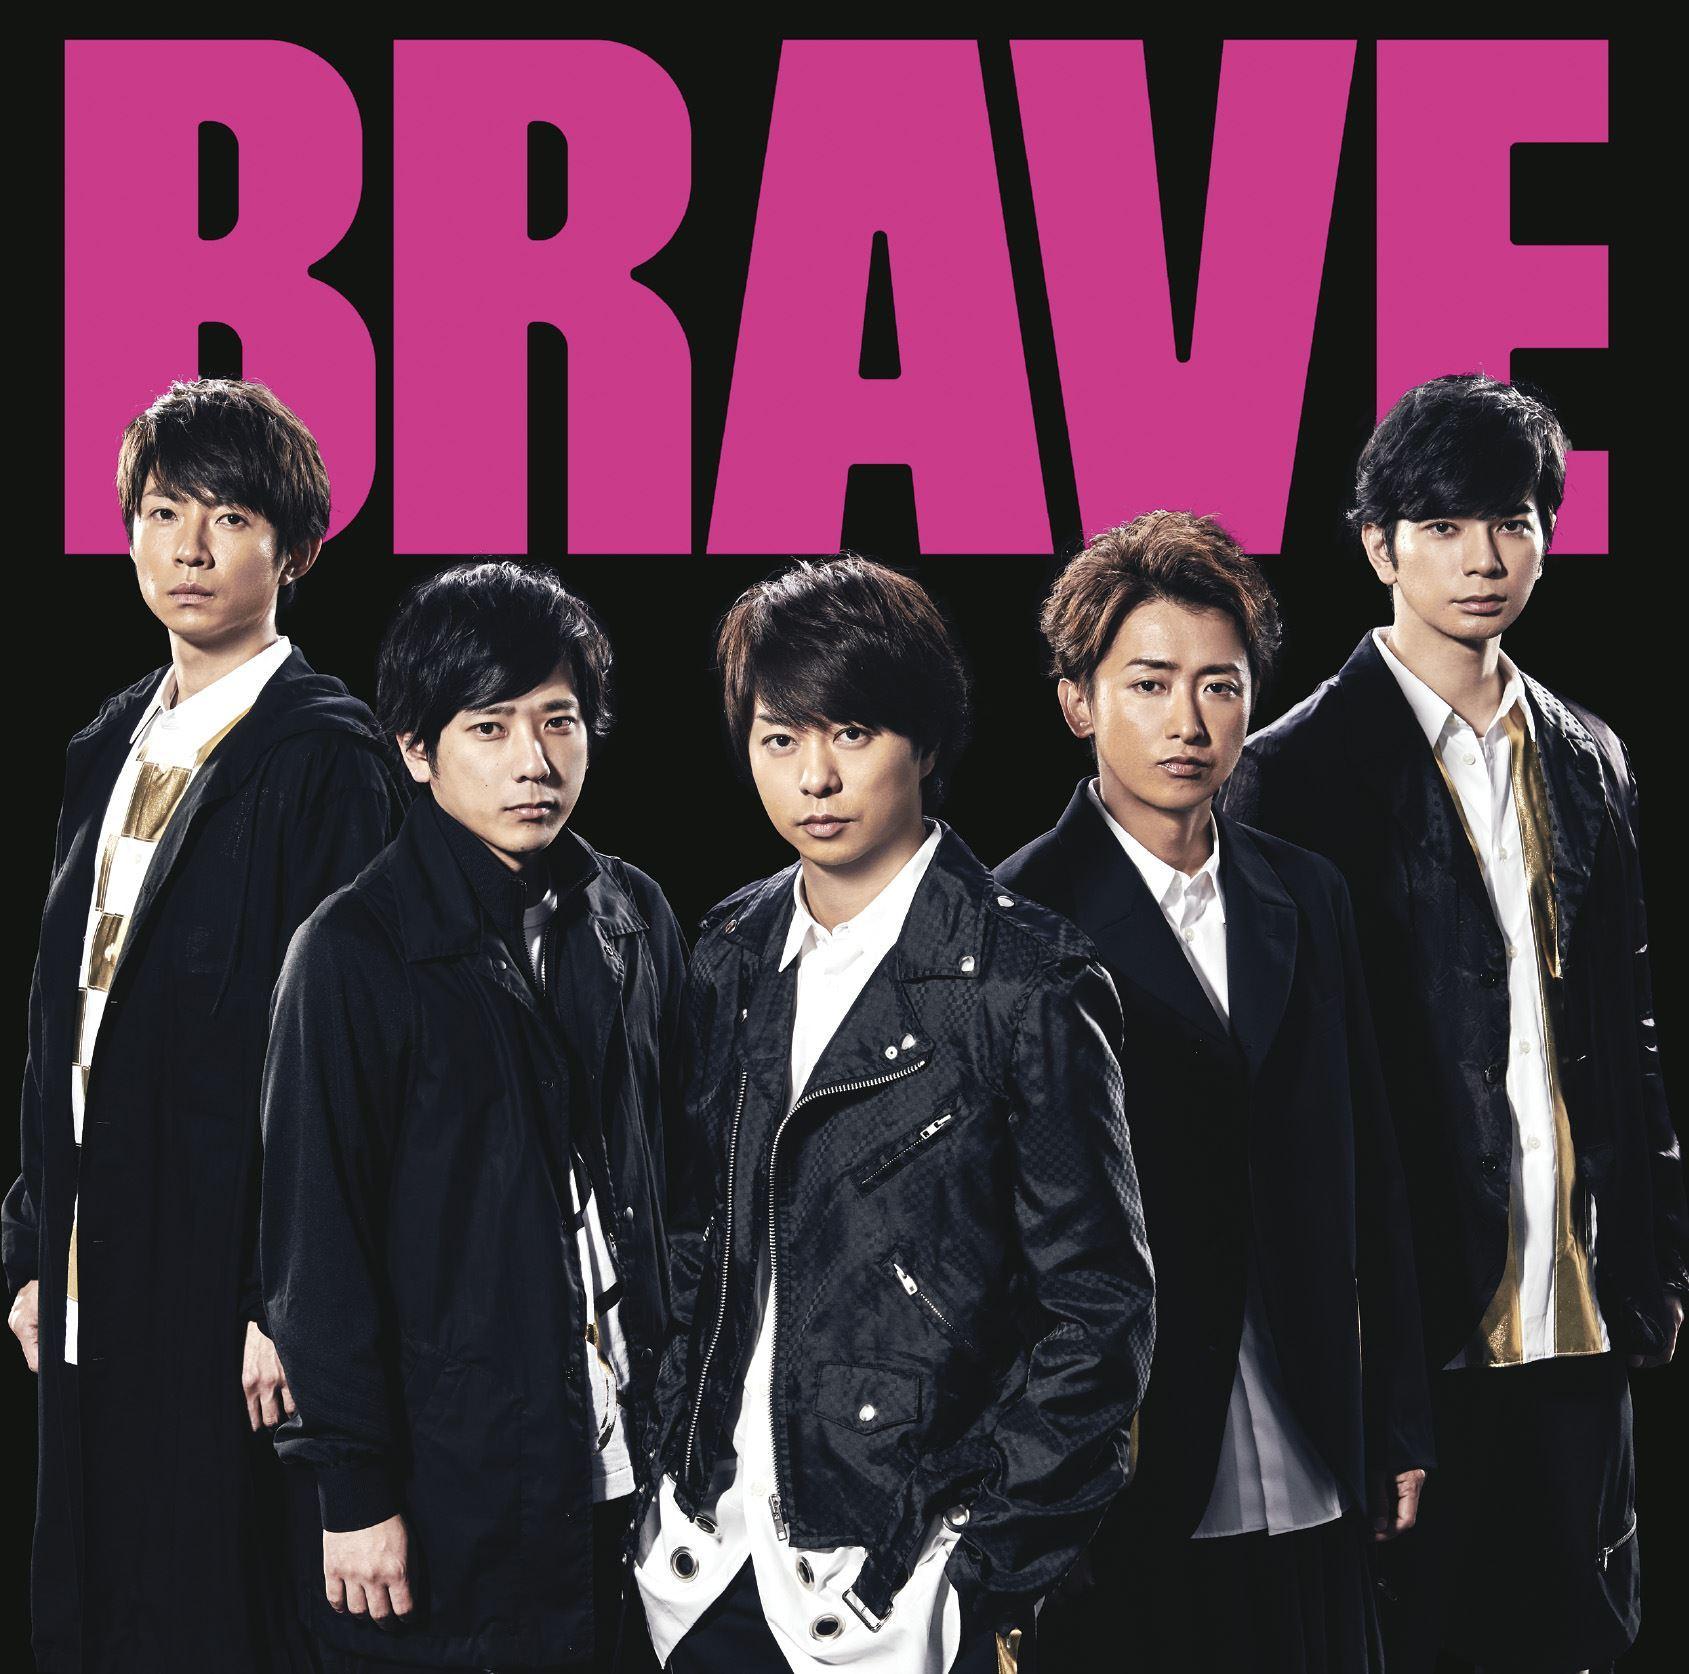 嵐 (あらし) 57thシングル『BRAVE (ブレイブ)』(初回限定盤) 高画質CDジャケット画像 ジャケ写